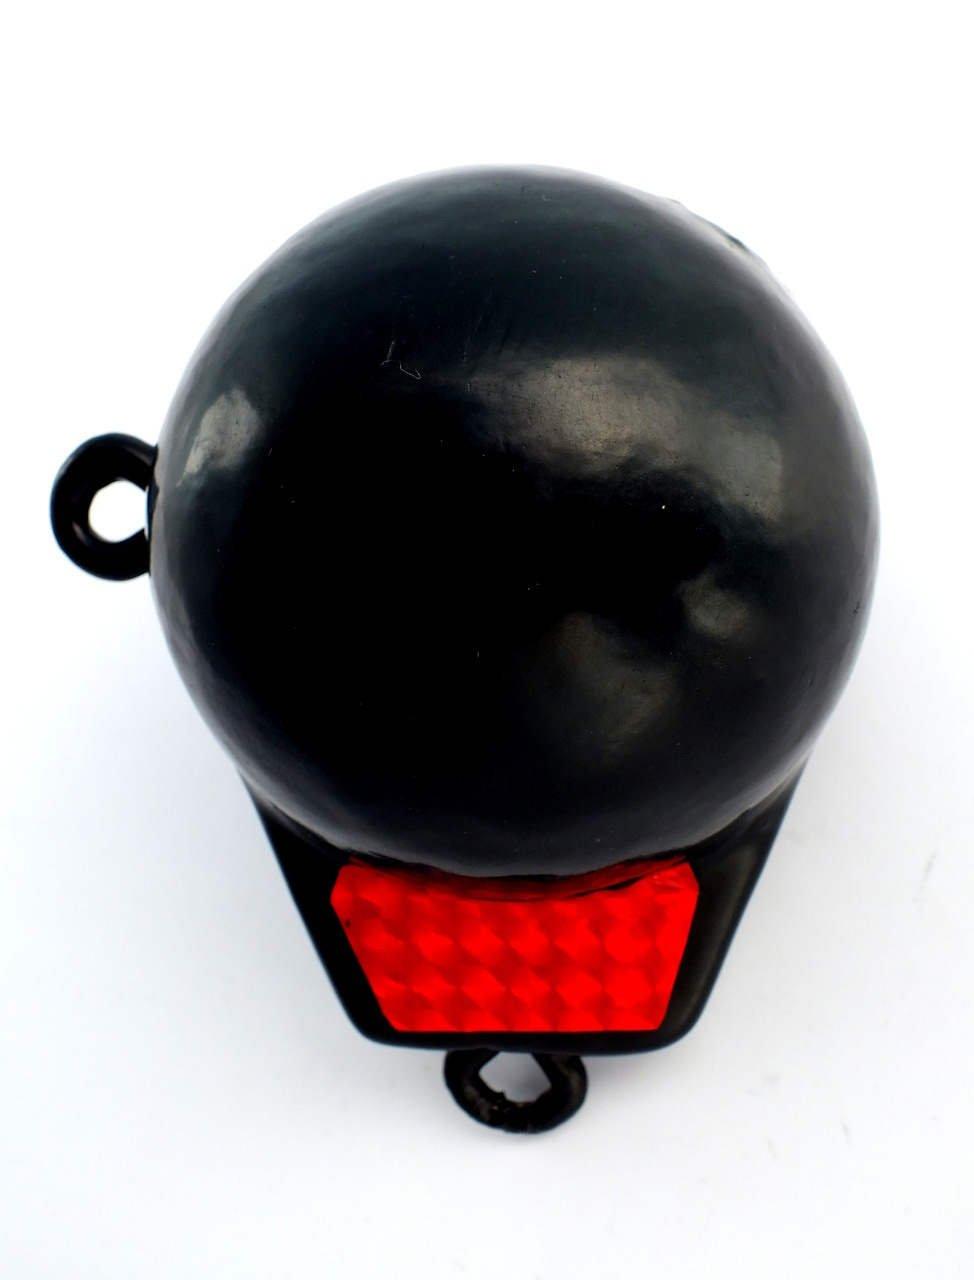 【超安い】 MarineNowコーティングDownrigger B0751GPQW2 lb Canonボール重量withキール15 lb B0751GPQW2, フナガタマチ:908ebe7a --- a0267596.xsph.ru